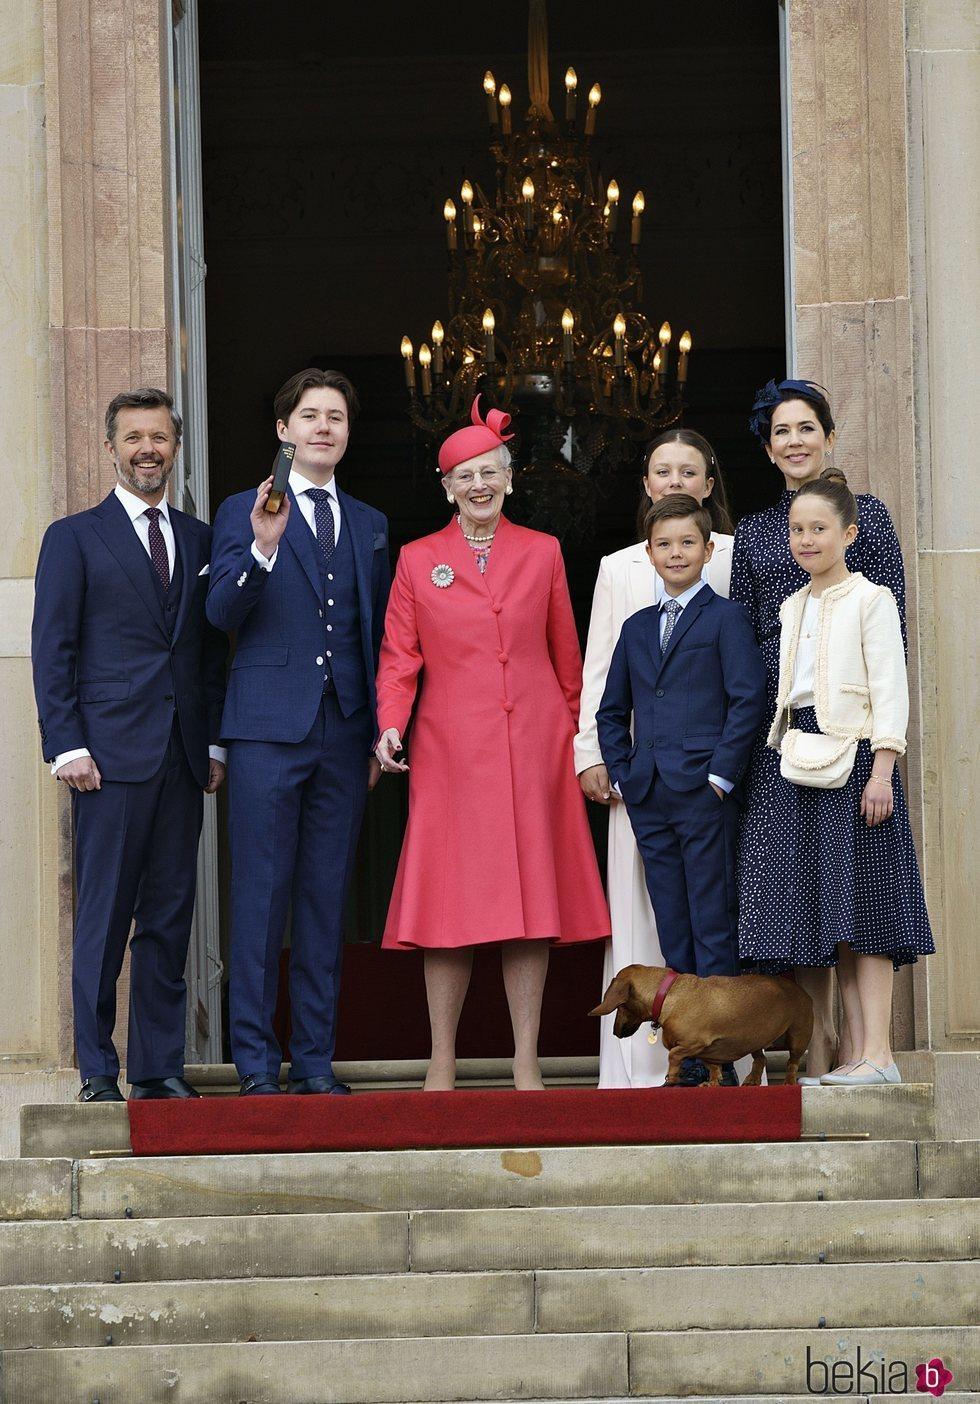 Christian de Dinamarca en su Confirmación junto a Margarita de Dinamarca, Federico y Mary de Dinamarca, Isabel, Vicente y Josefina de Dinamarca